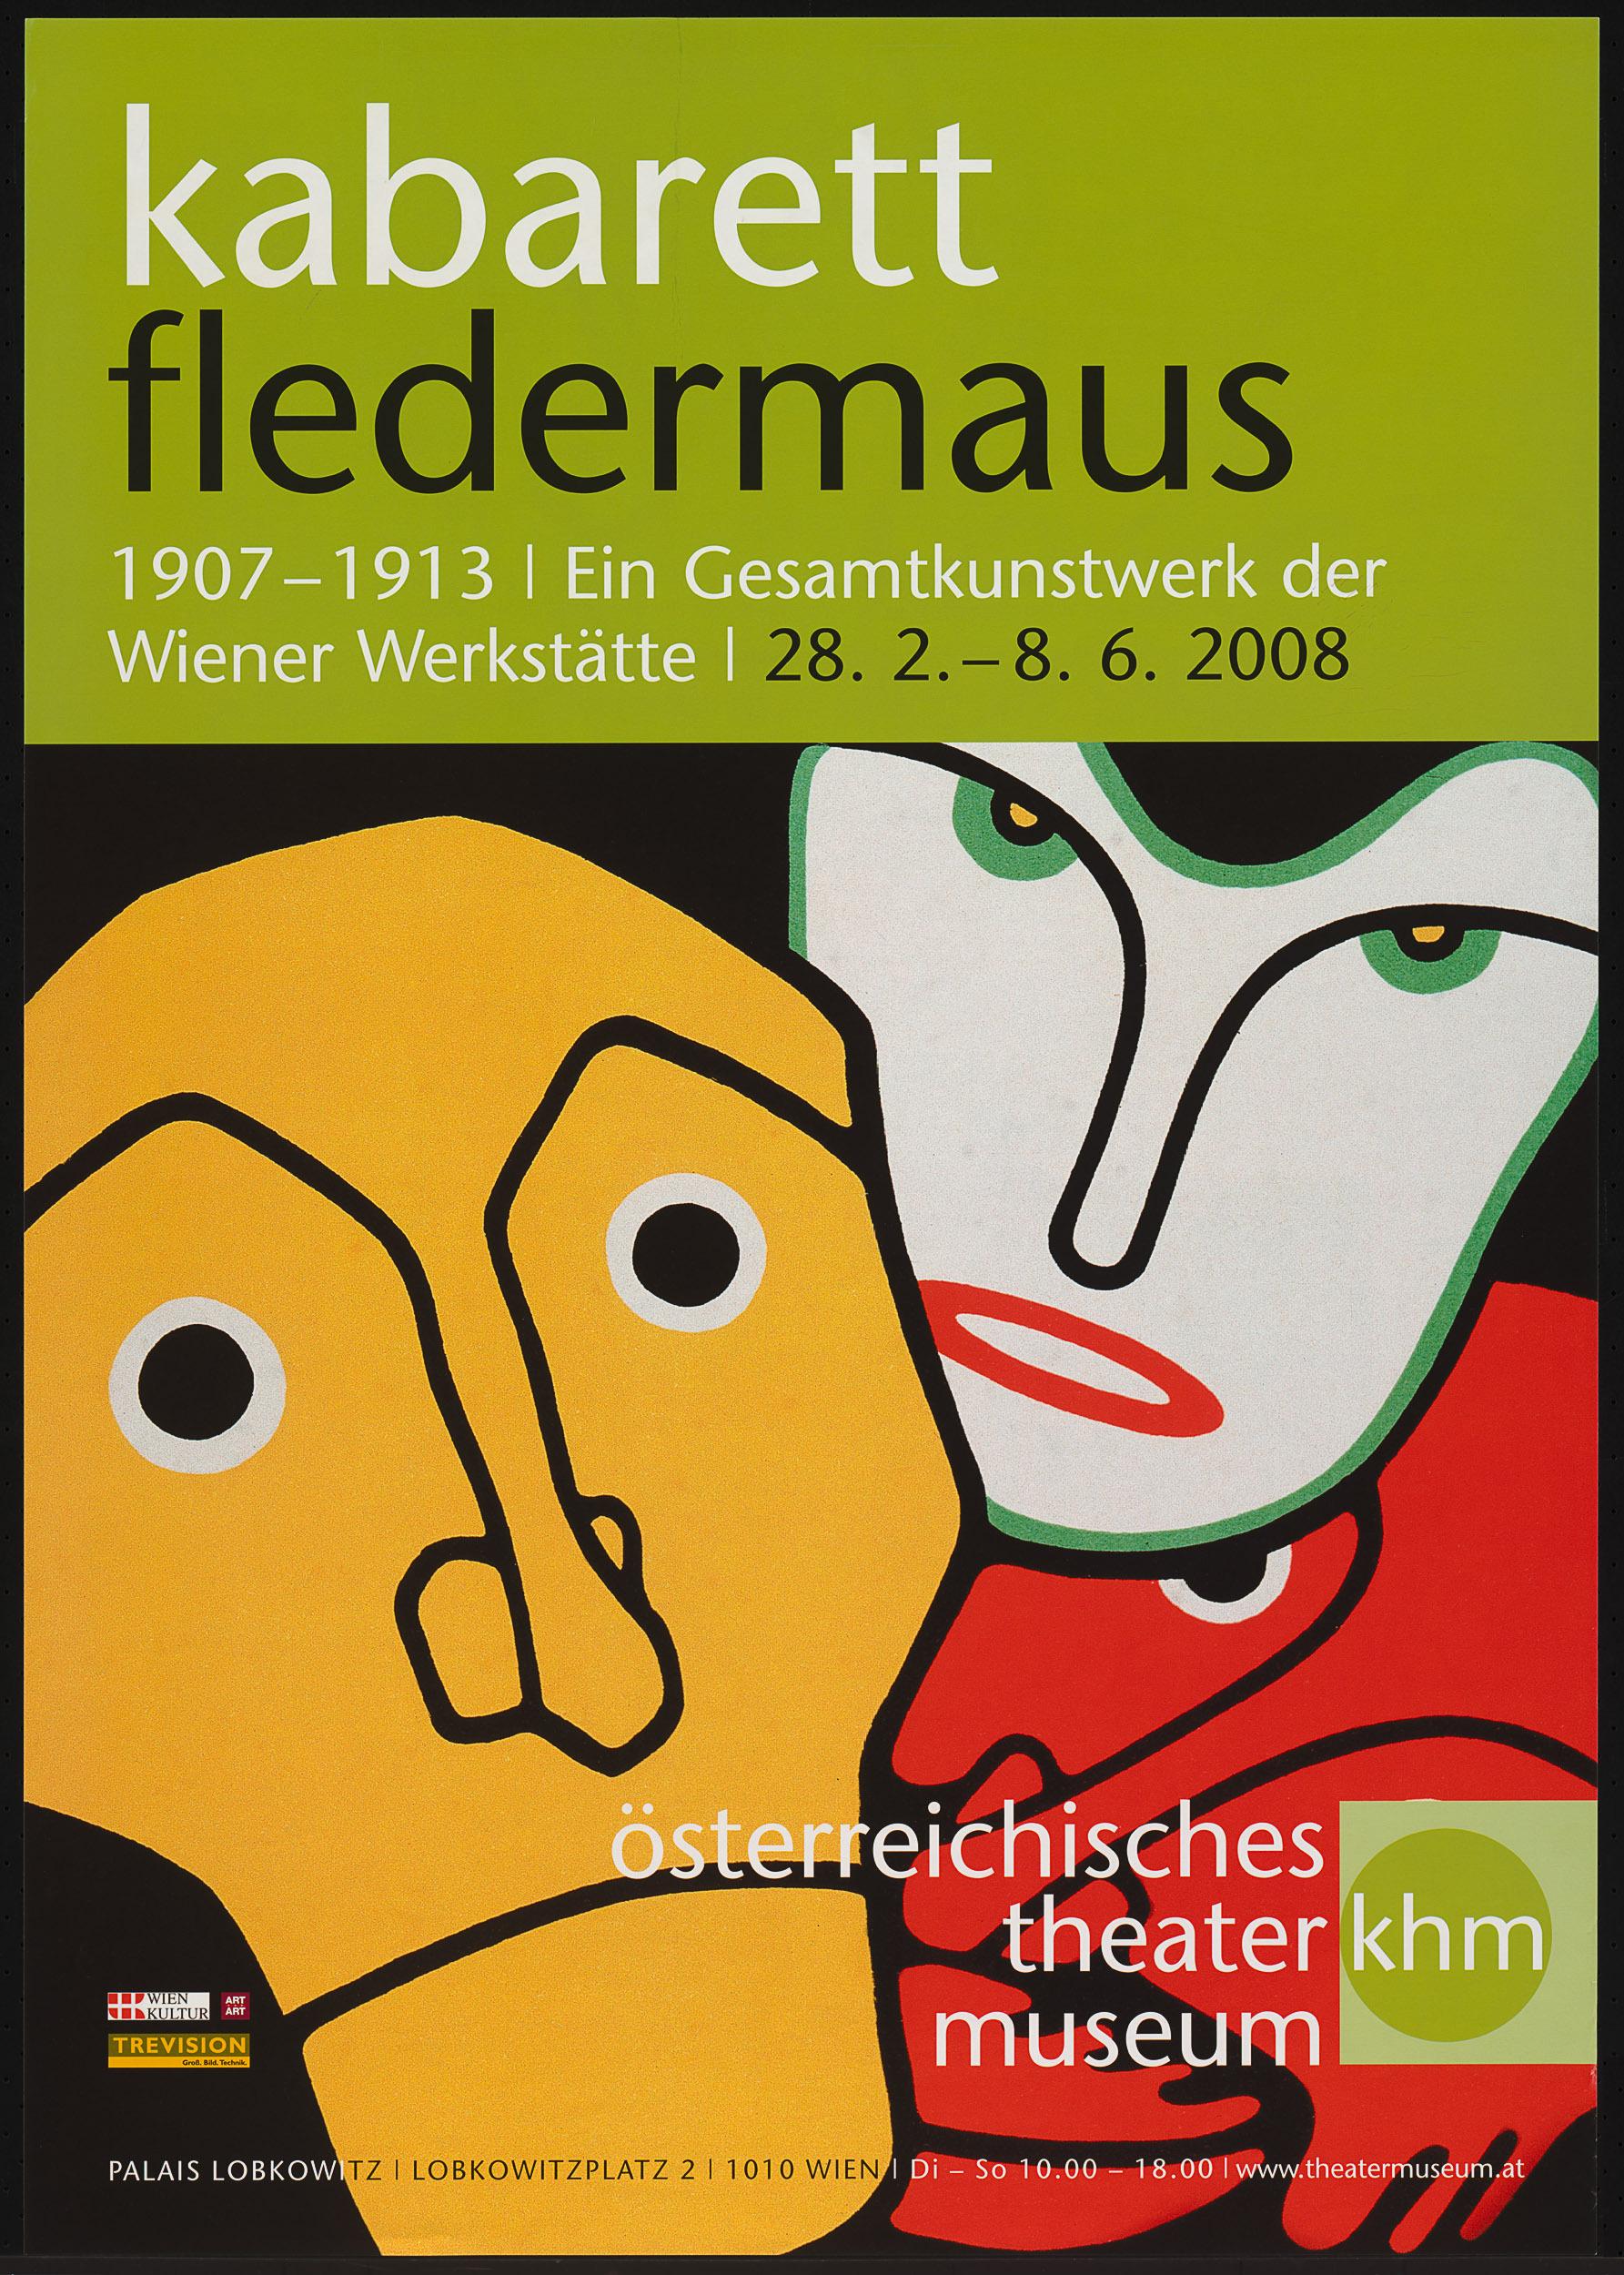 kabarett fledermaus. 1907 - 1913 I Ein Gesamtkunstwerk der Wiener Werkstätte von Theatermuseum, Wien